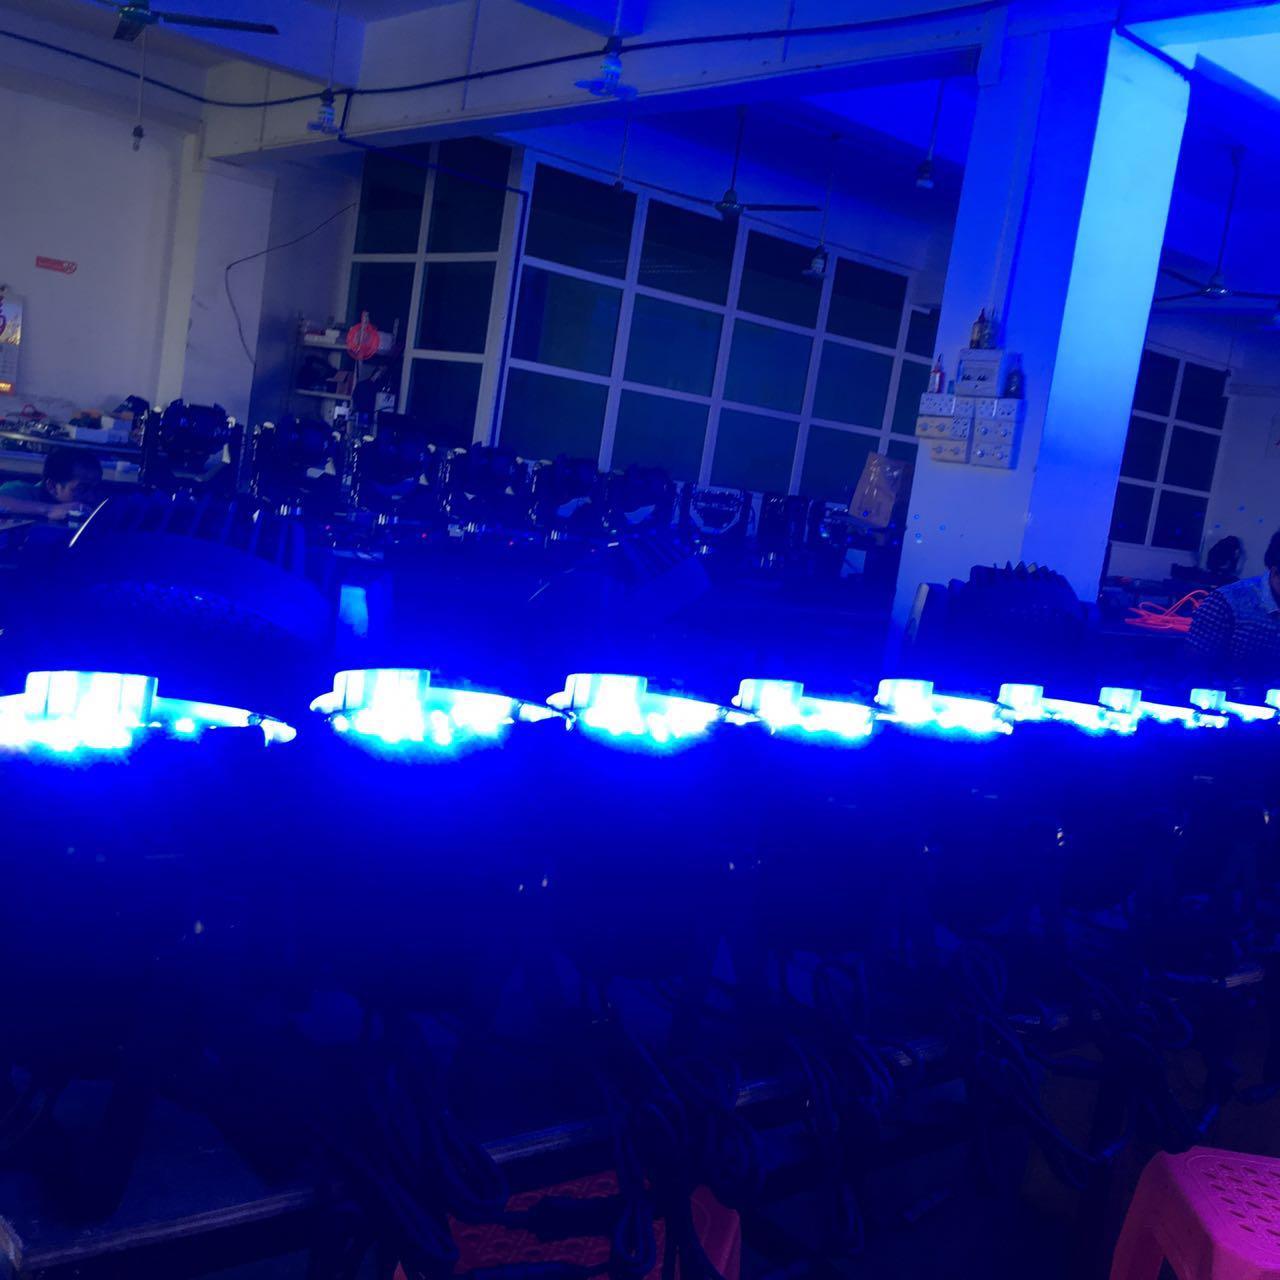 婚庆LED帕灯在舞台当中的应用效果图